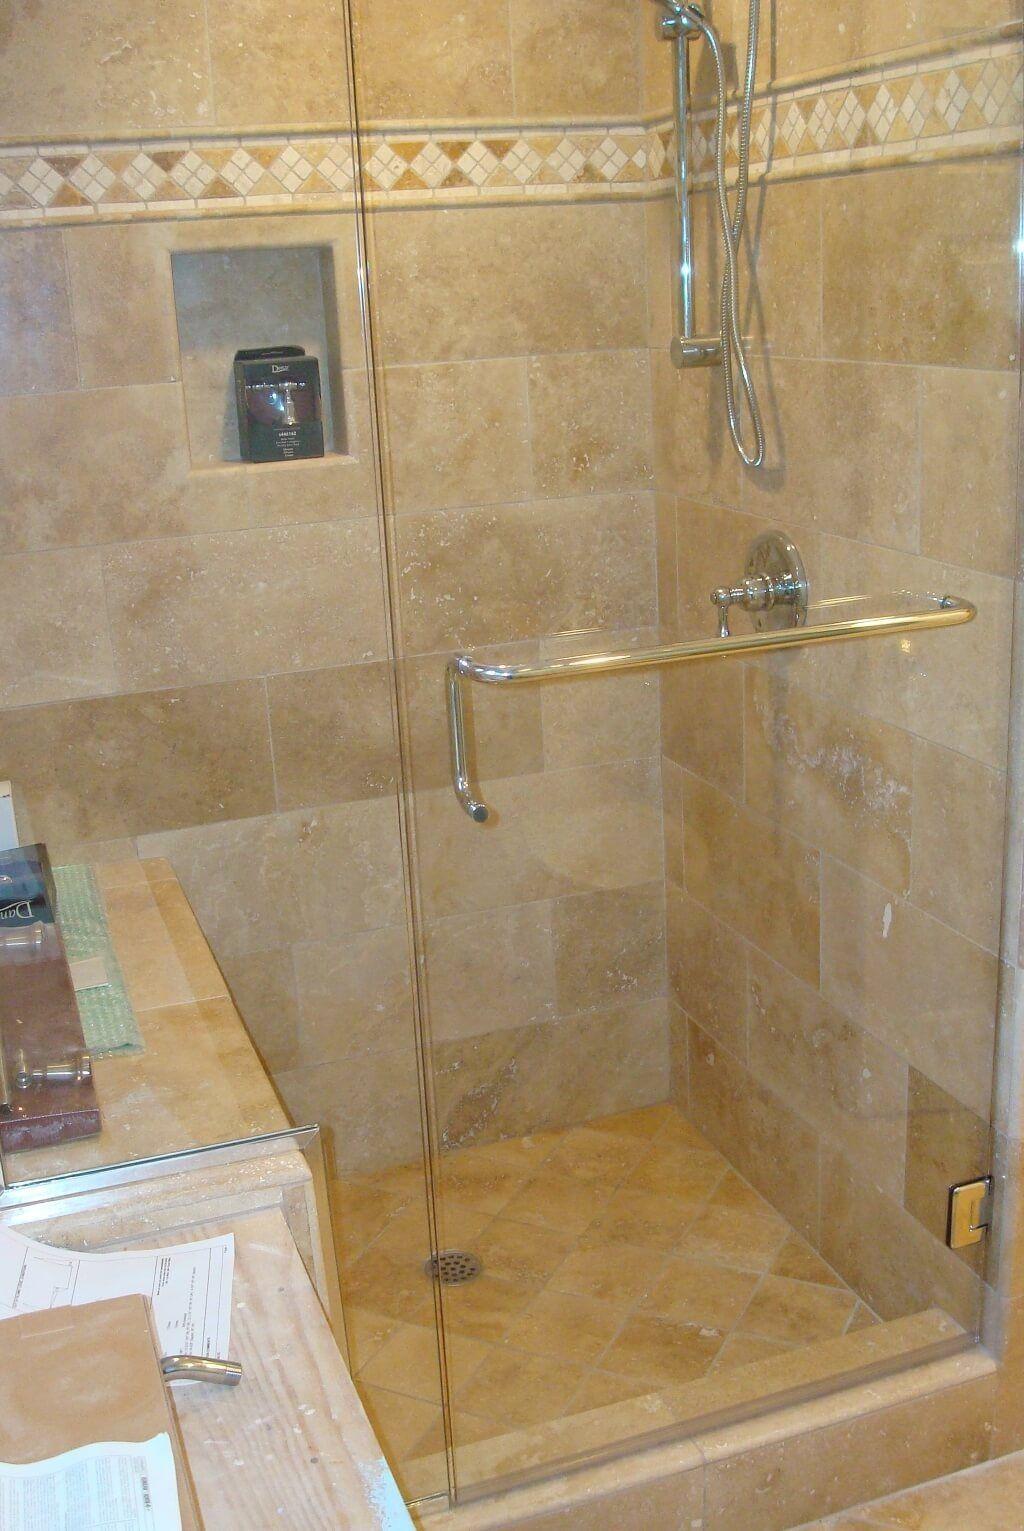 Frameless glass shower door stop httpsourceabl pinterest frameless glass shower door stop planetlyrics Image collections